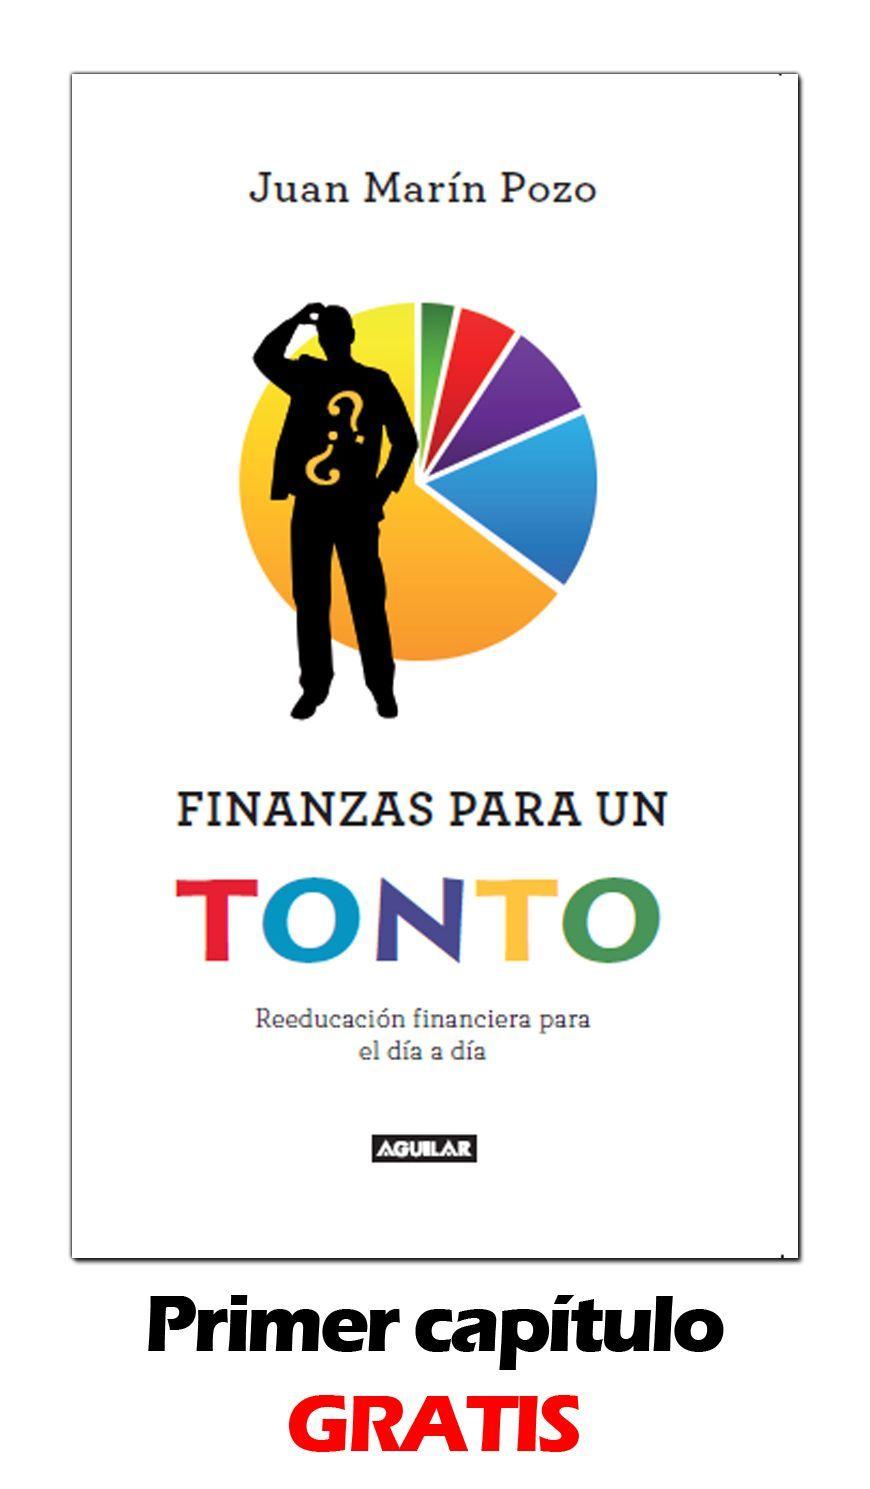 http://juanmarinpozo.com/wp-content/uploads/2017/01/Portada-Finanzas-para-un-tonto-para-descargar-pdf-en-blog-pequeña.jpg